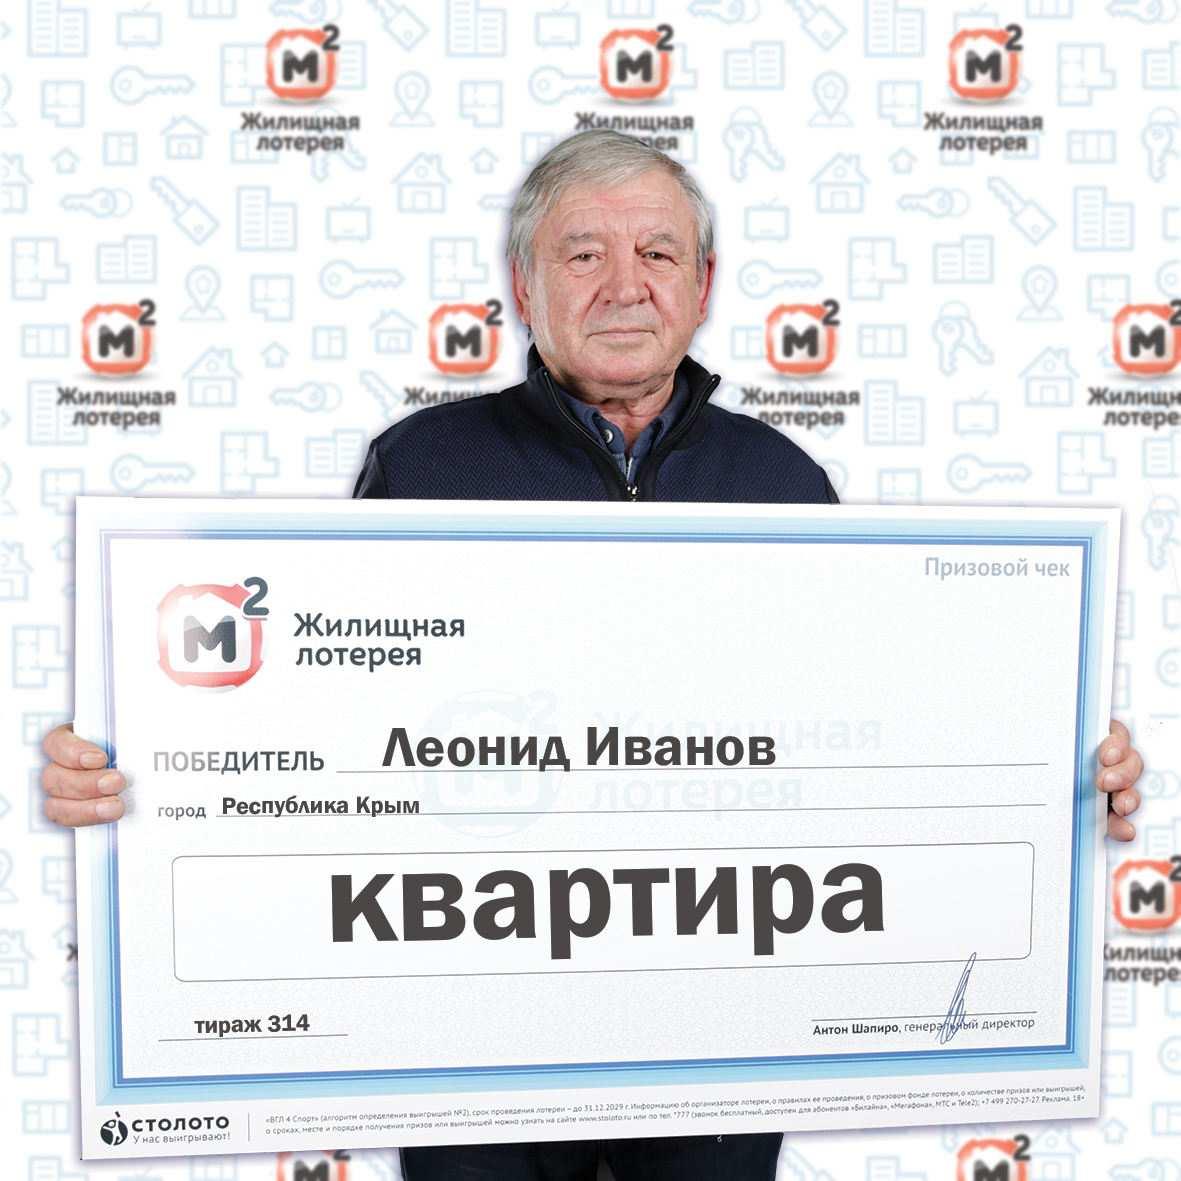 Лотереи в россии: как прошли четыре года монополии | russian gaming week